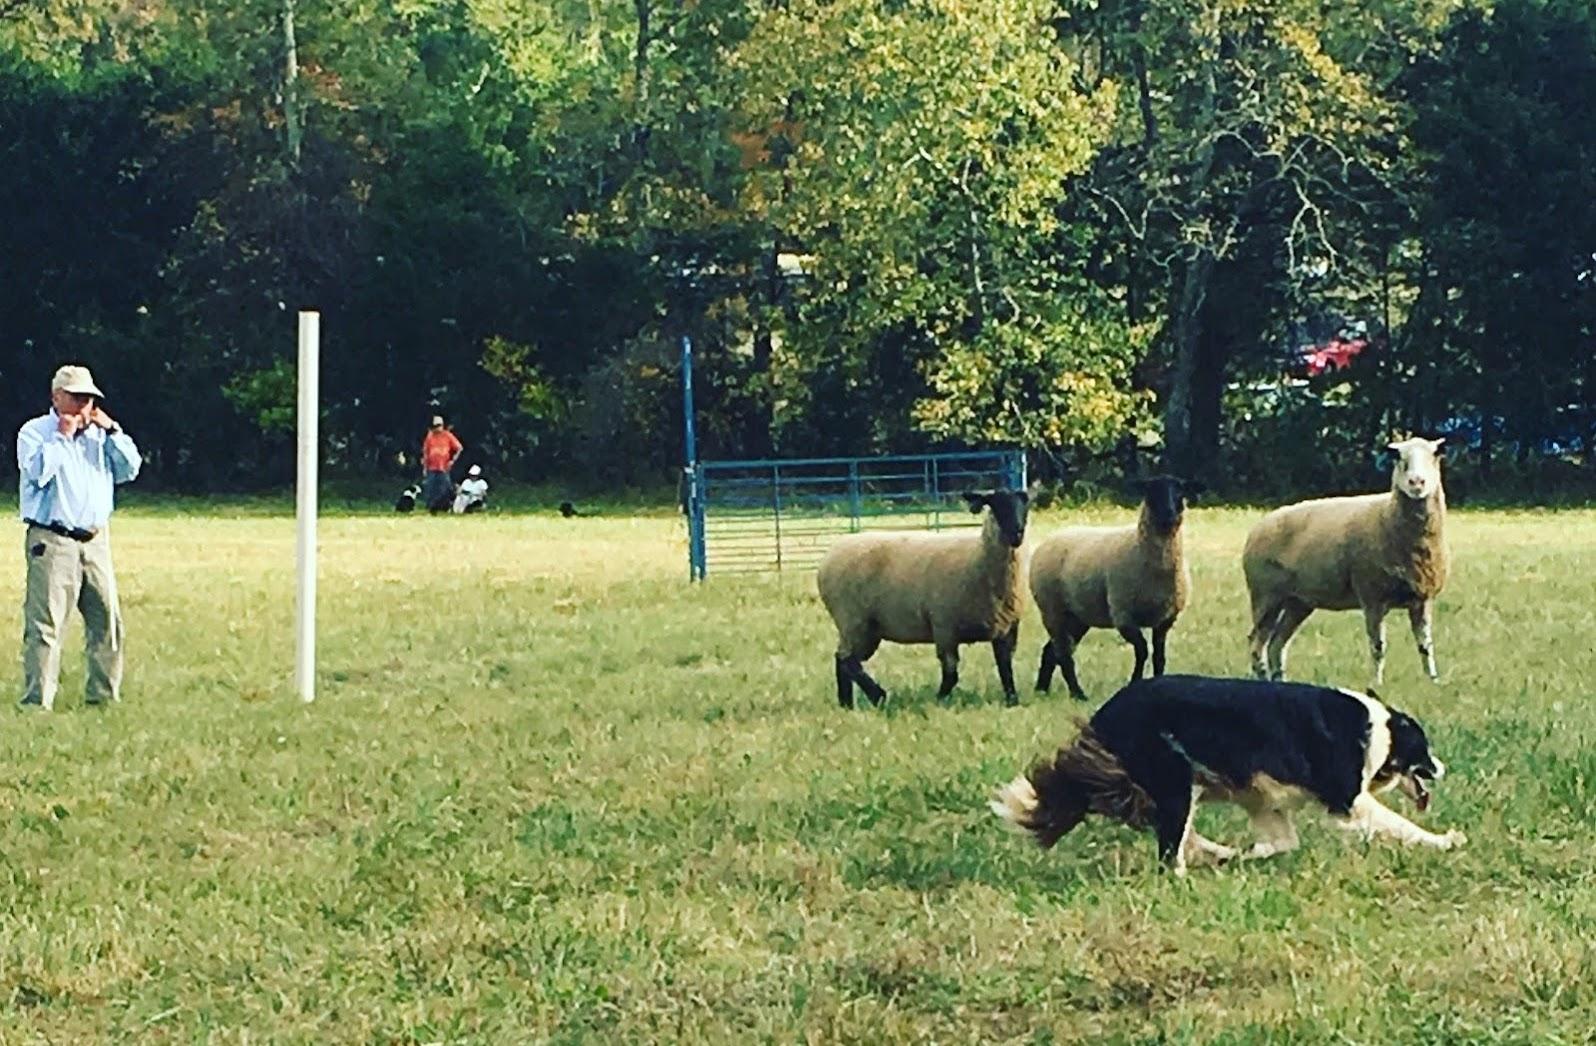 Fall Fiber Festival - Sheepdog Trial